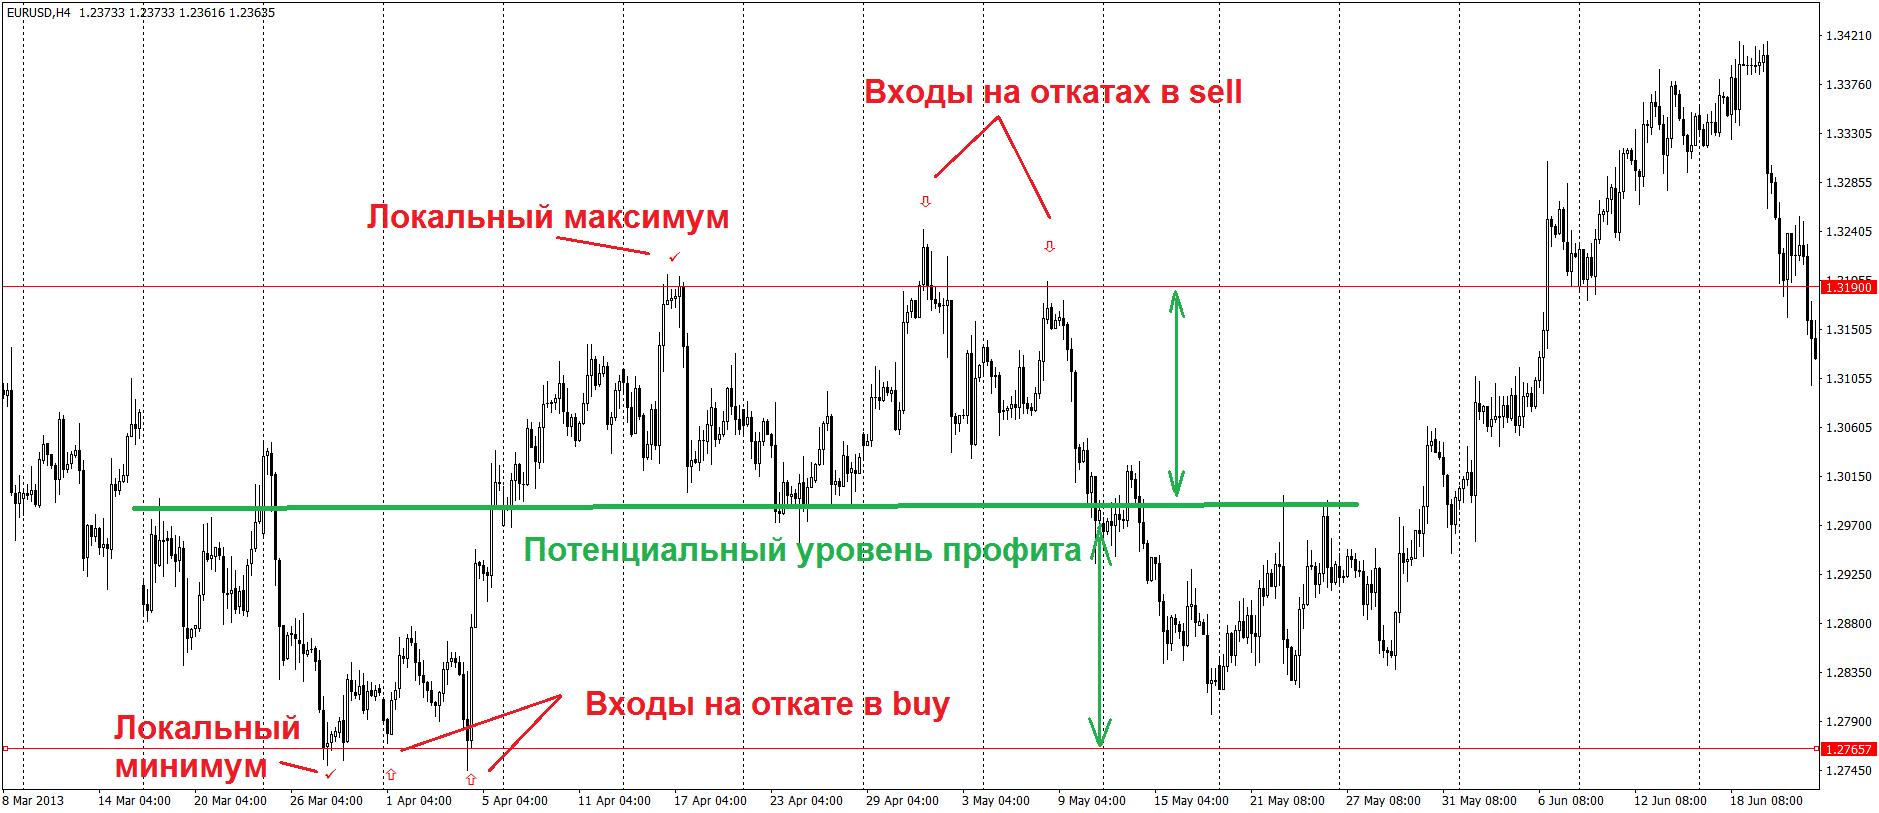 Торговые стратегии: Сетап вход на откате